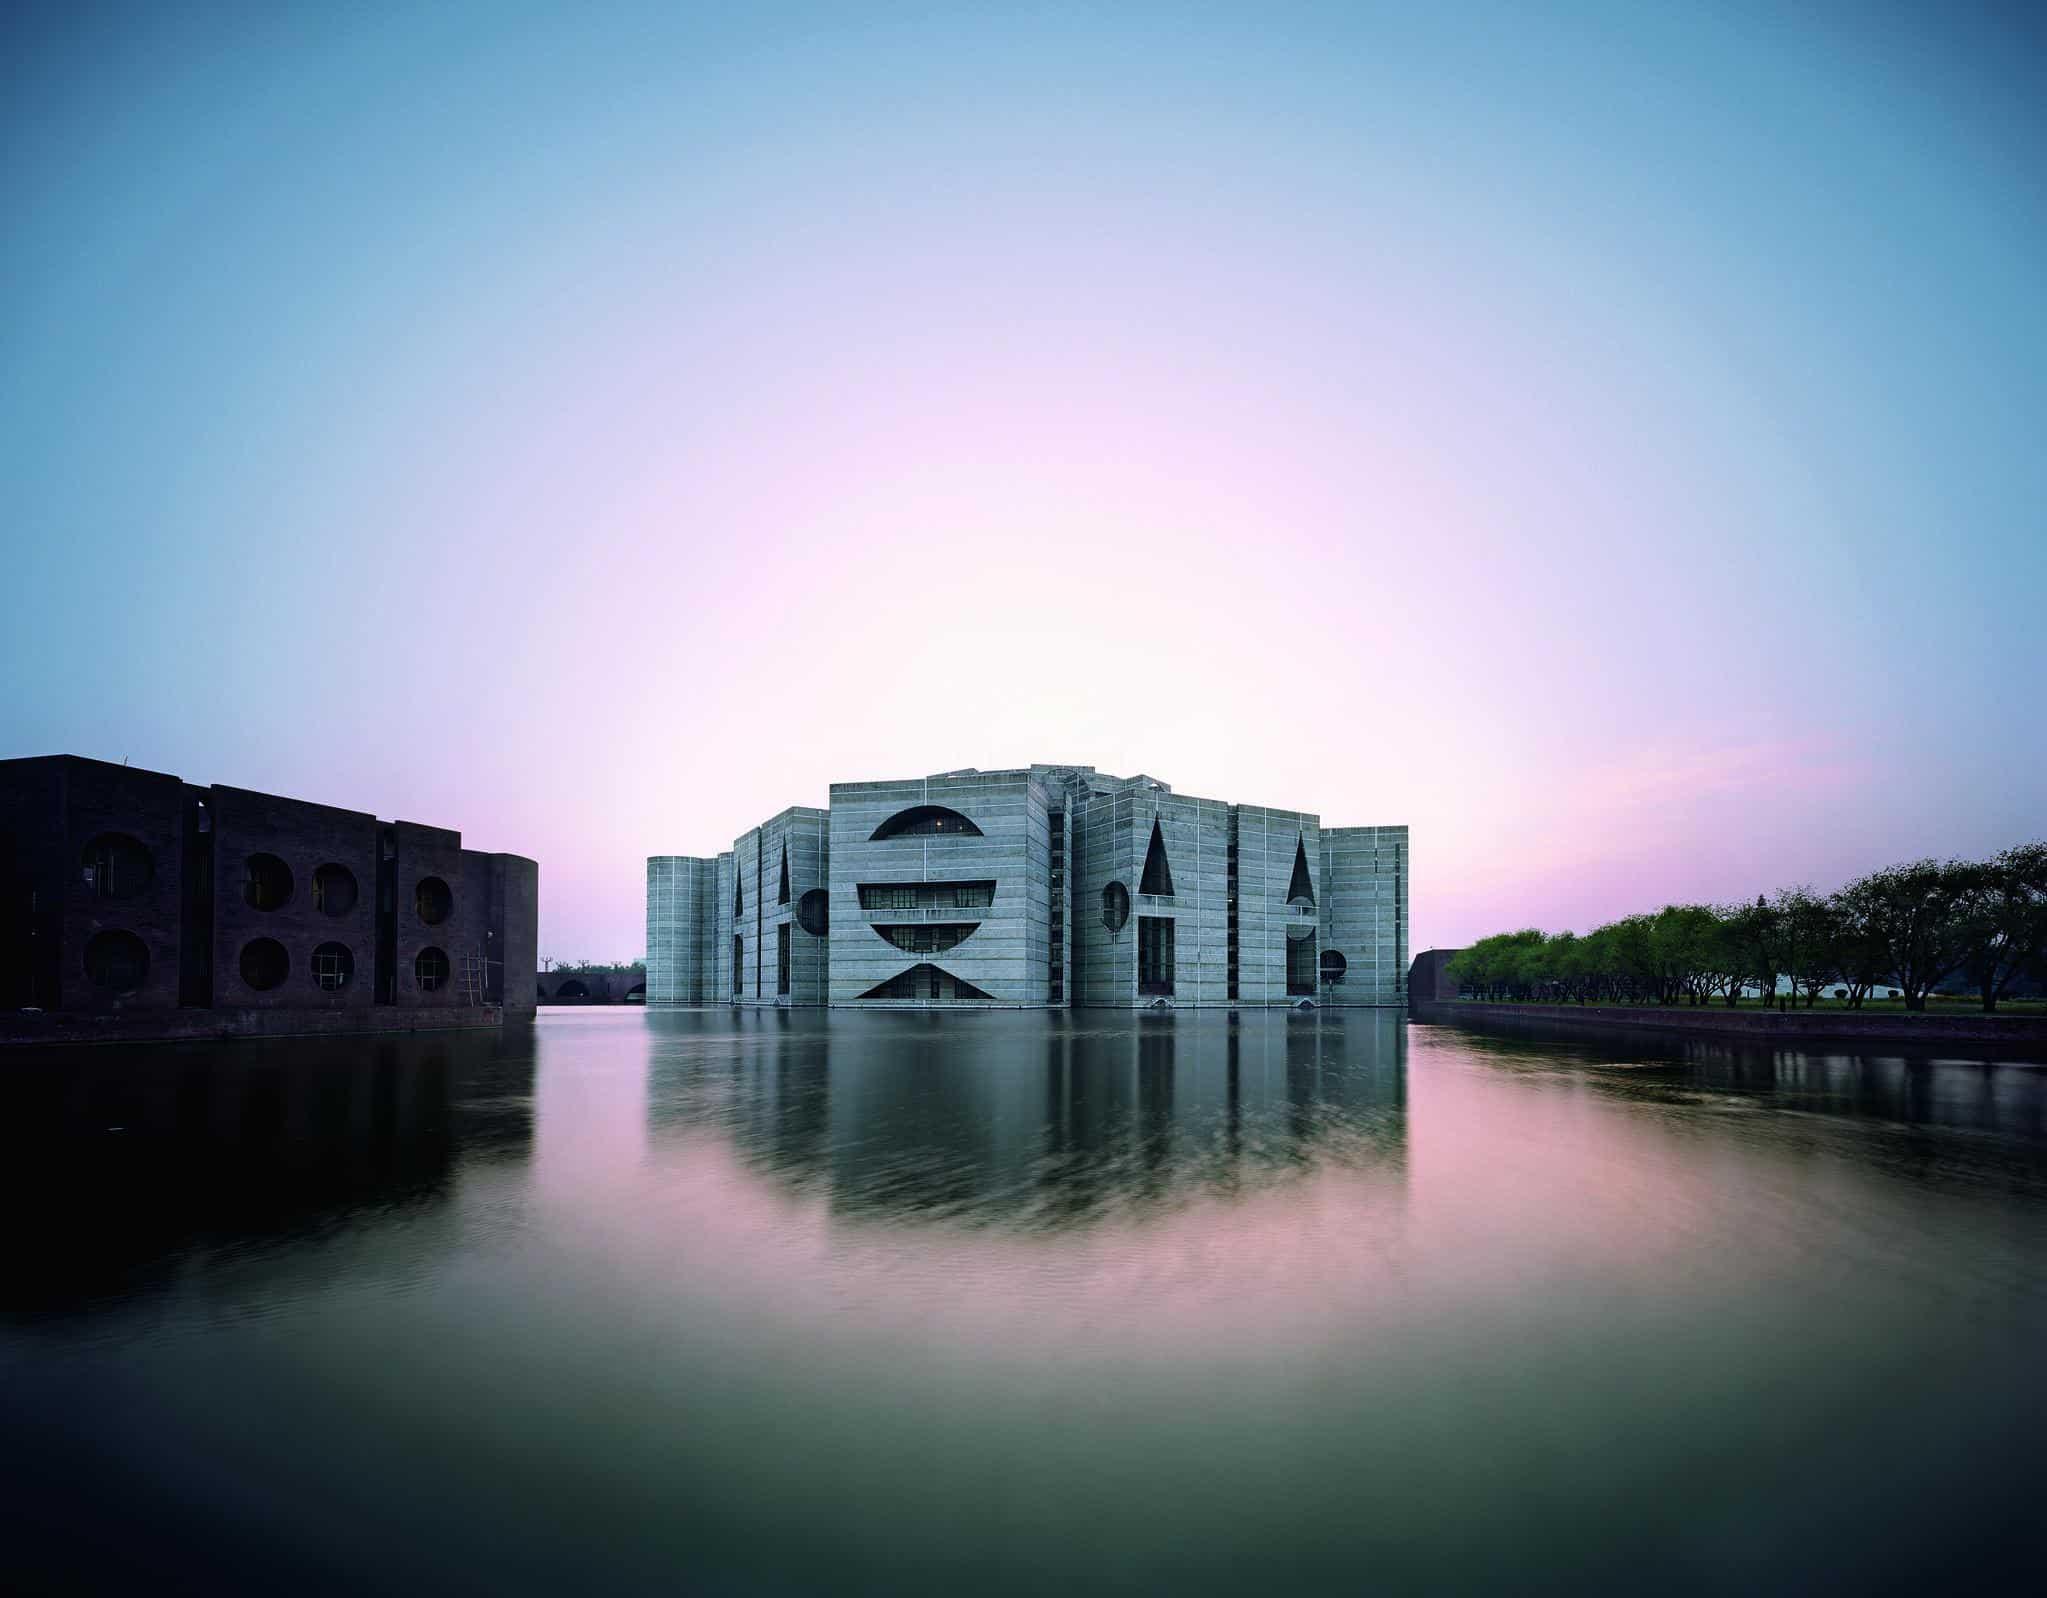 dhaka bangladesh national assembly building